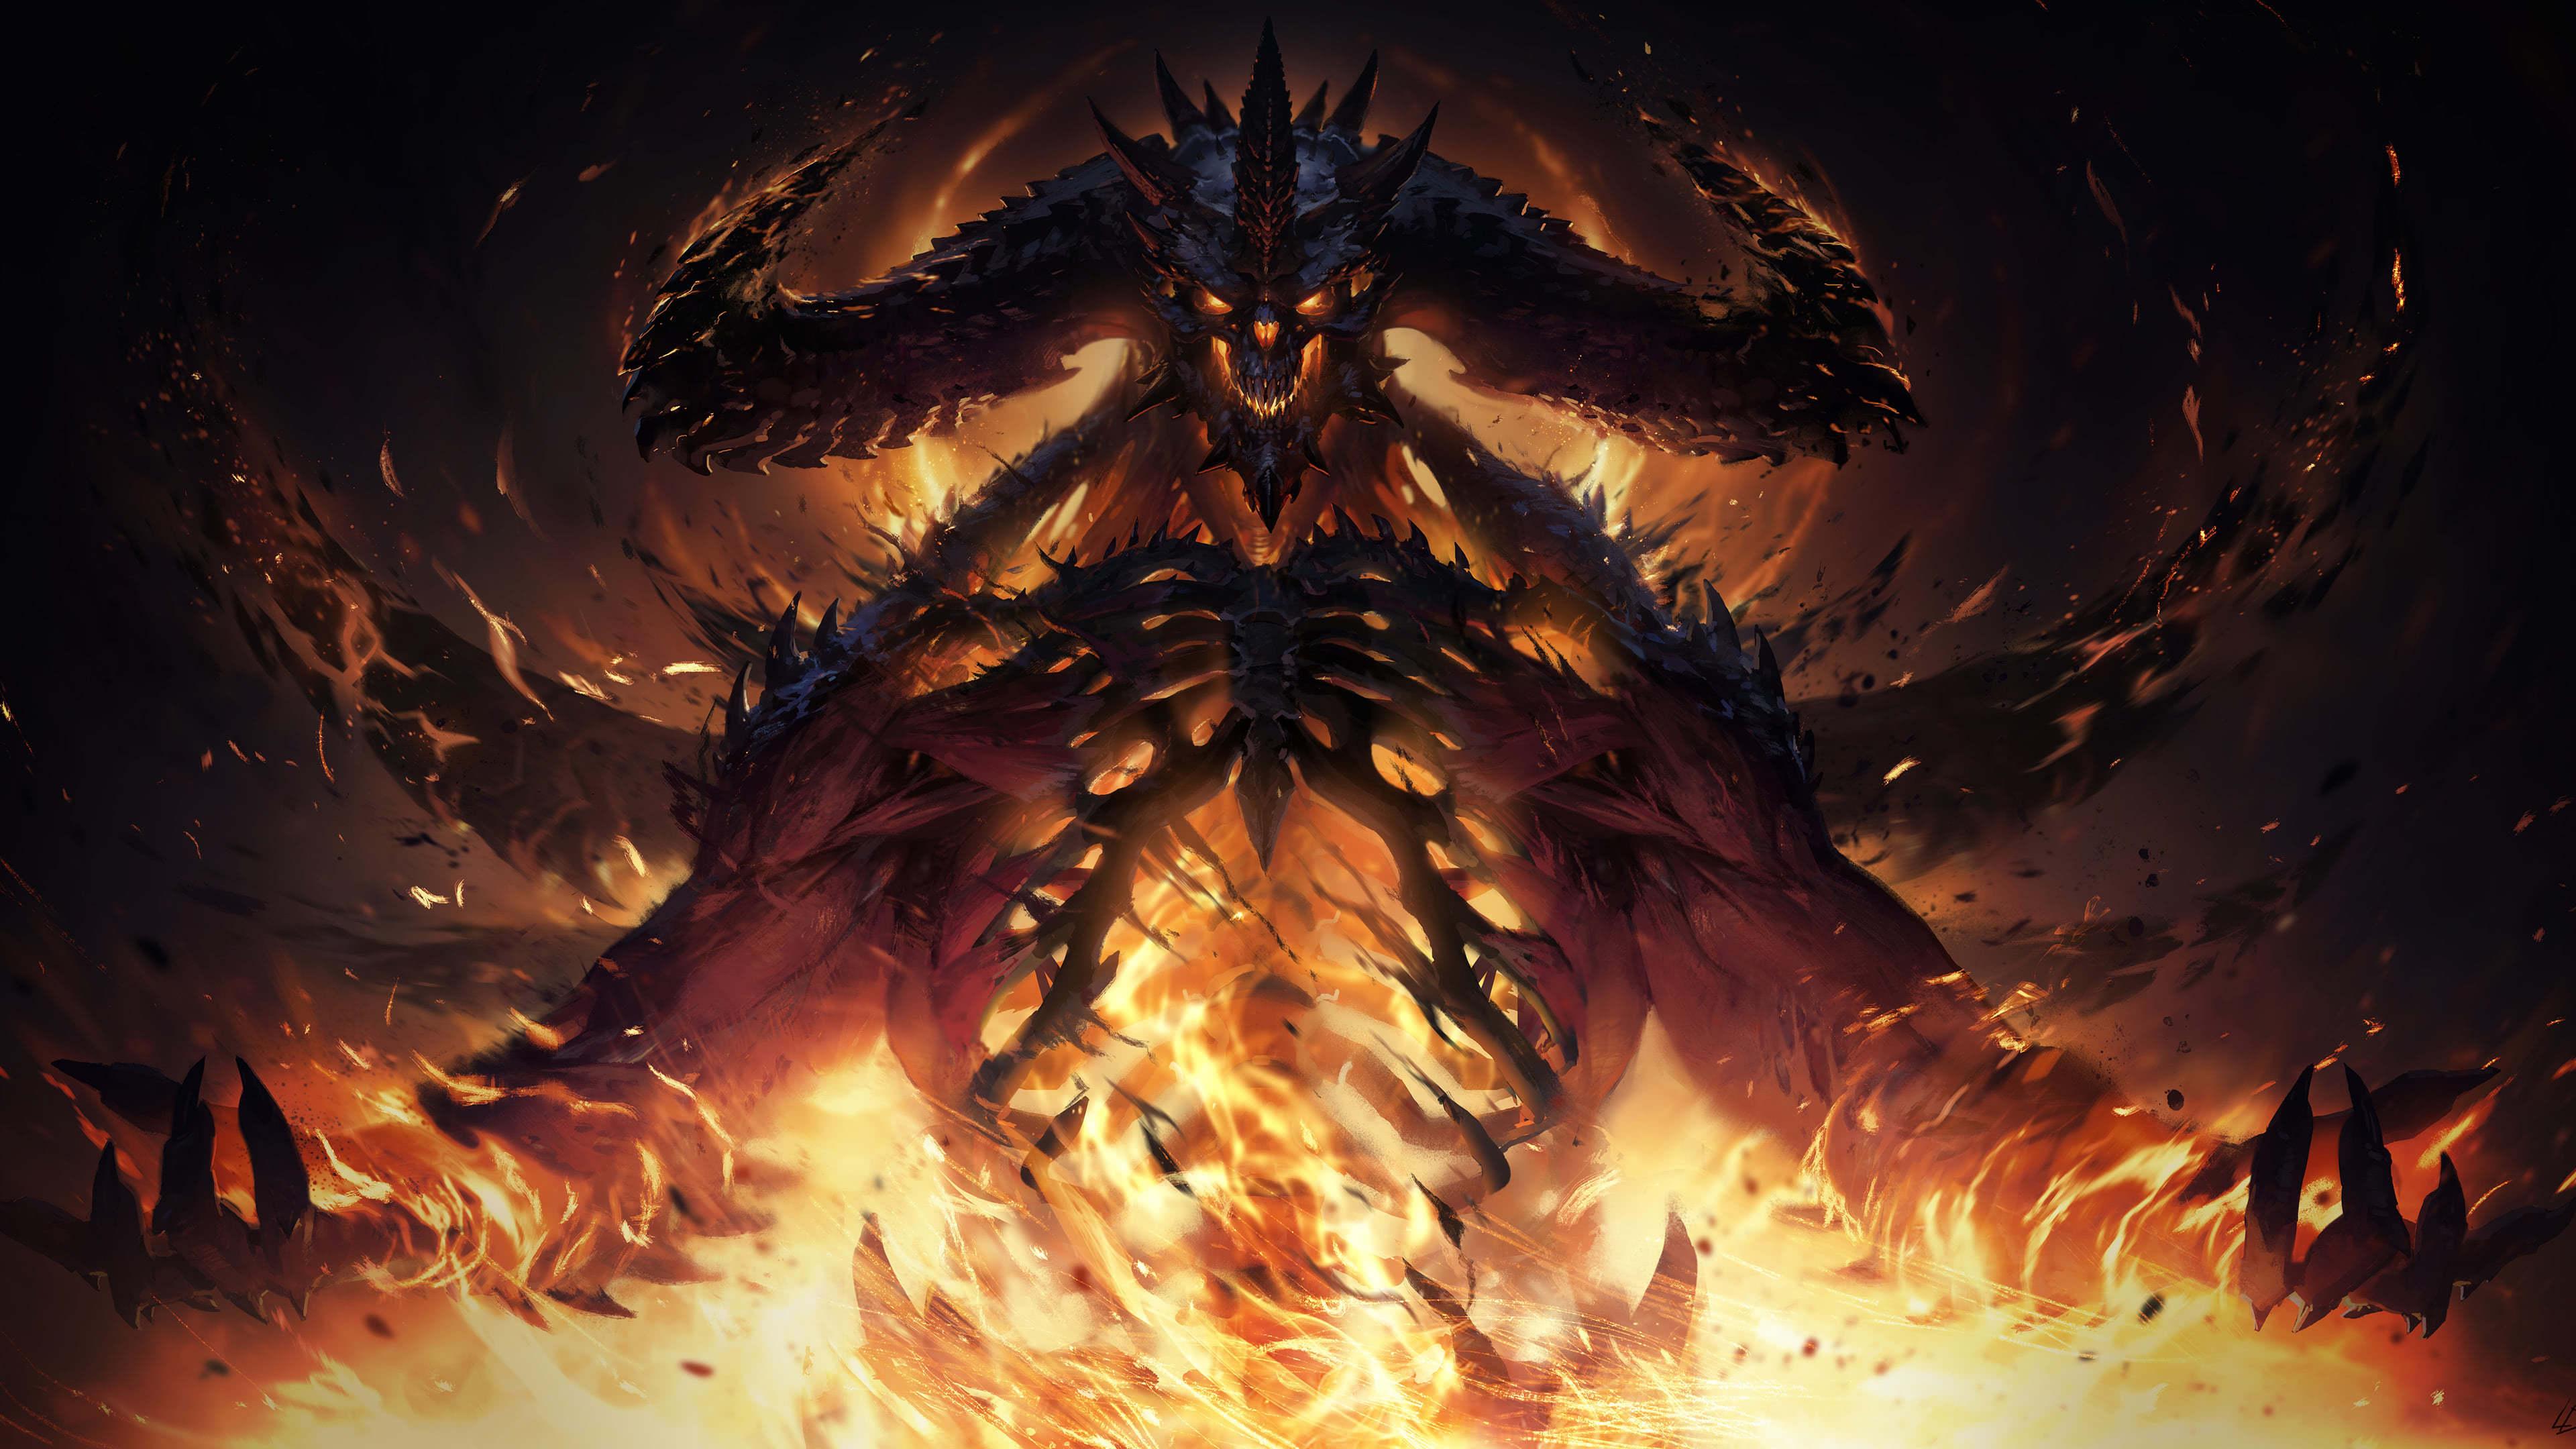 Diablo Immortal Hd Wallpapers 7wallpapers Net